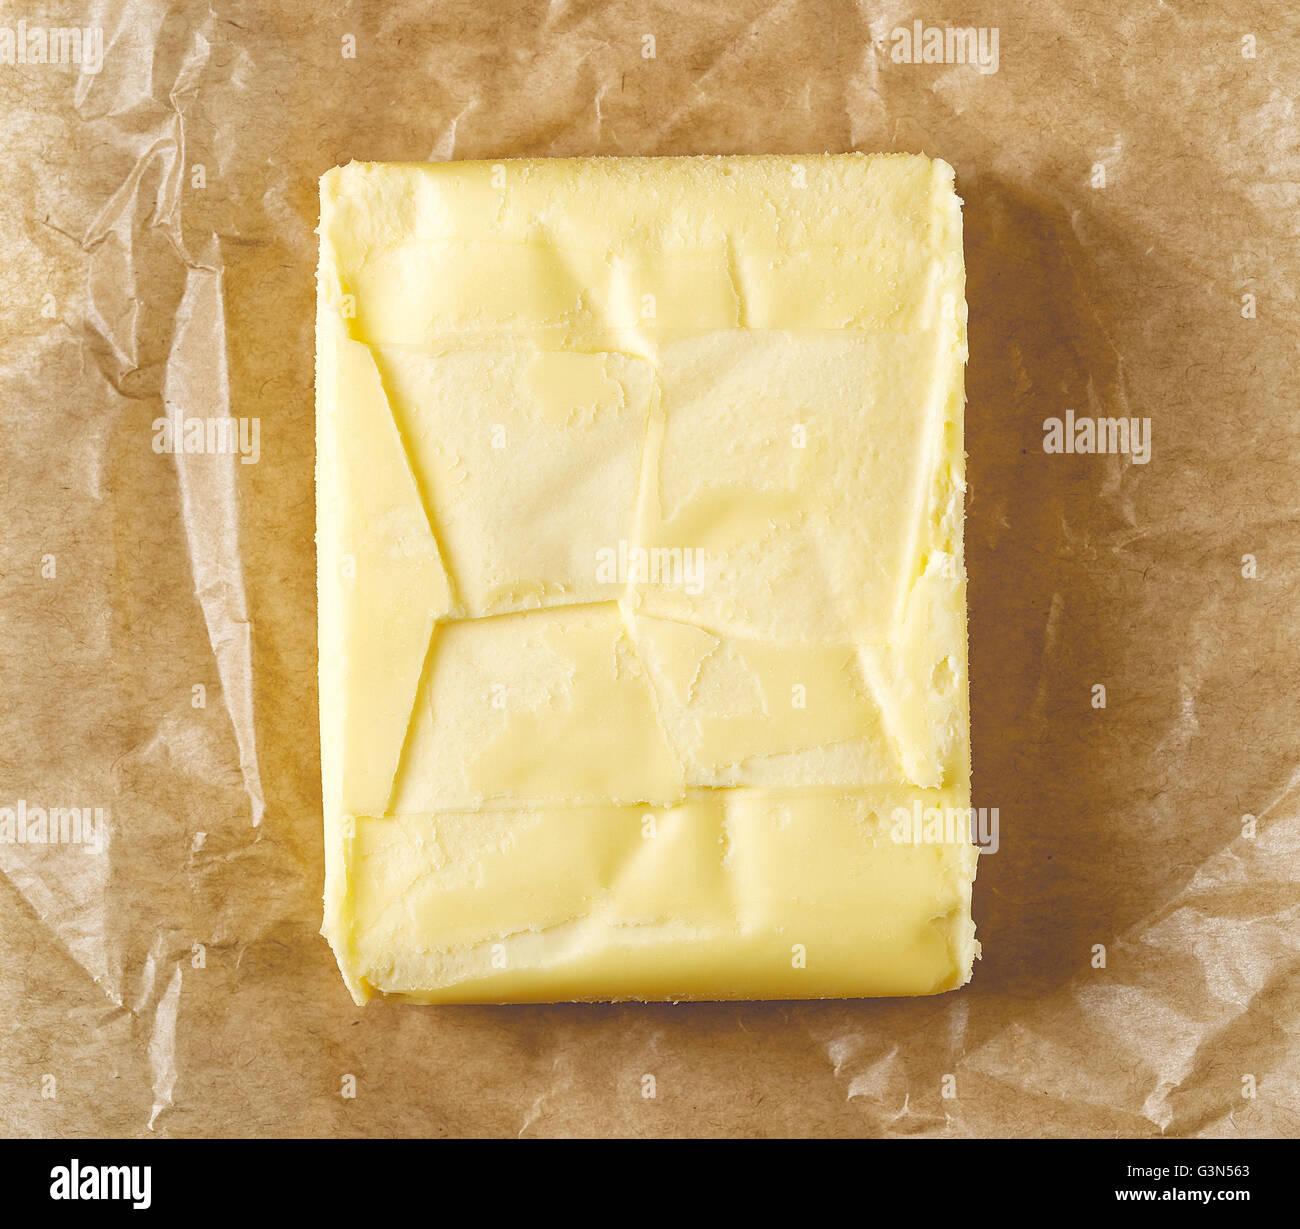 Beurre frais sur papier pergament, vue du dessus Photo Stock